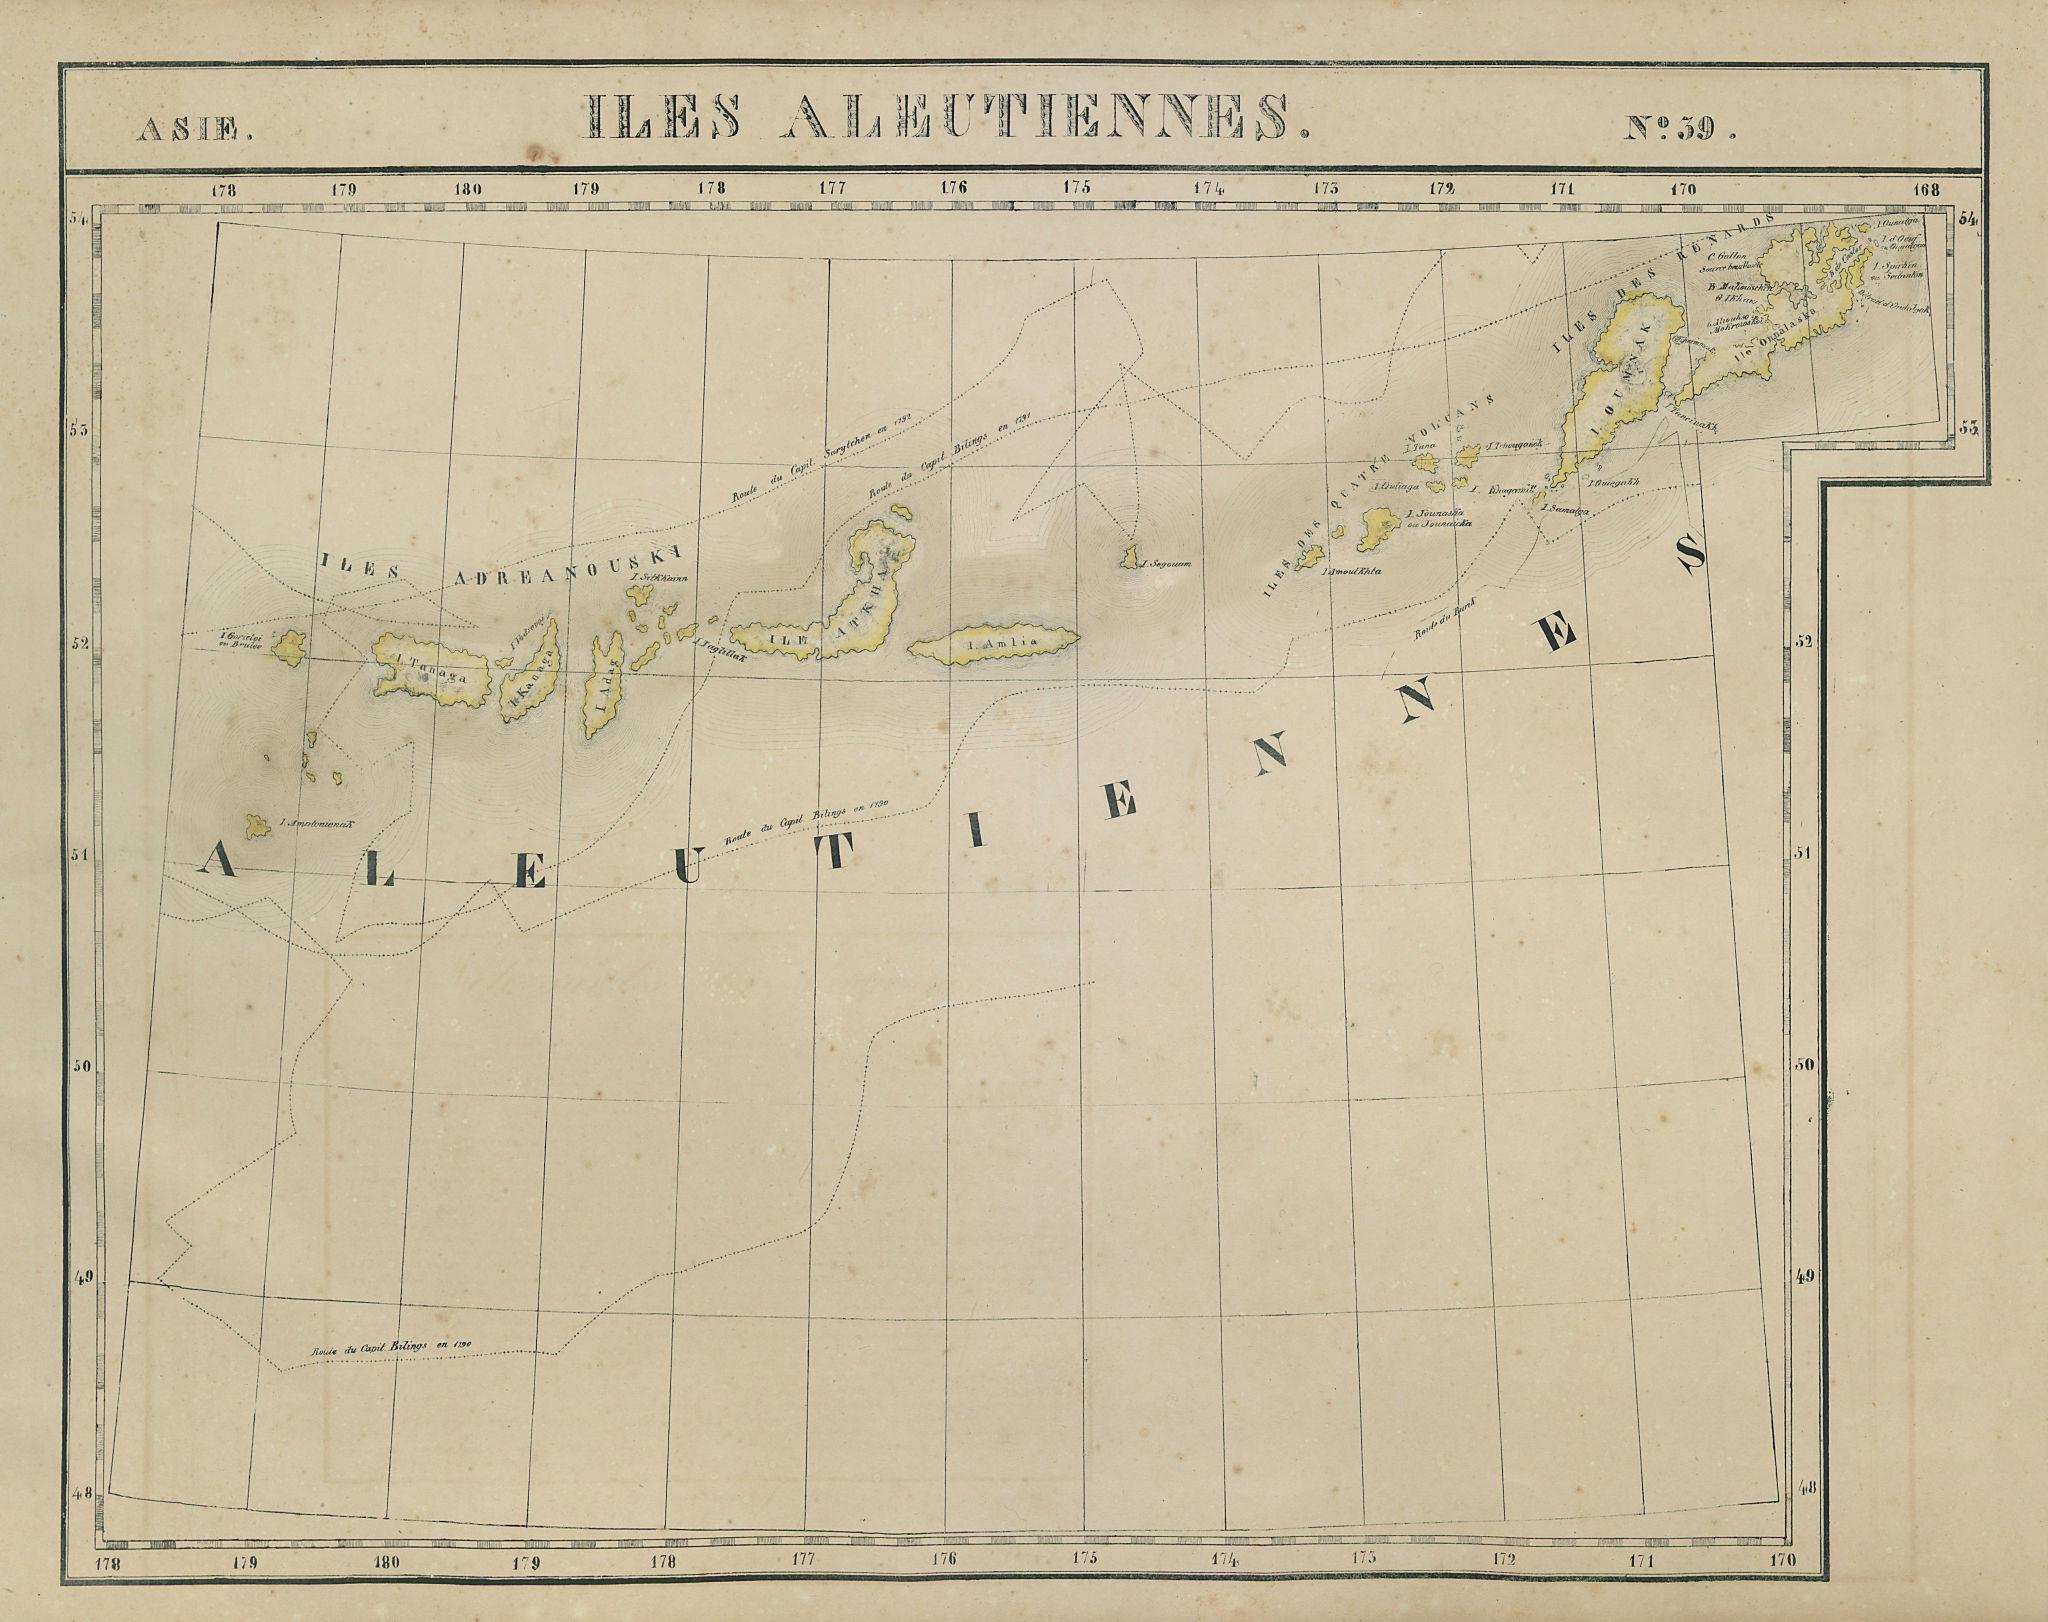 Asie. Iles Aleutiennes #39 Aleutian Islands, Alaska. VANDERMAELEN 1827 old map